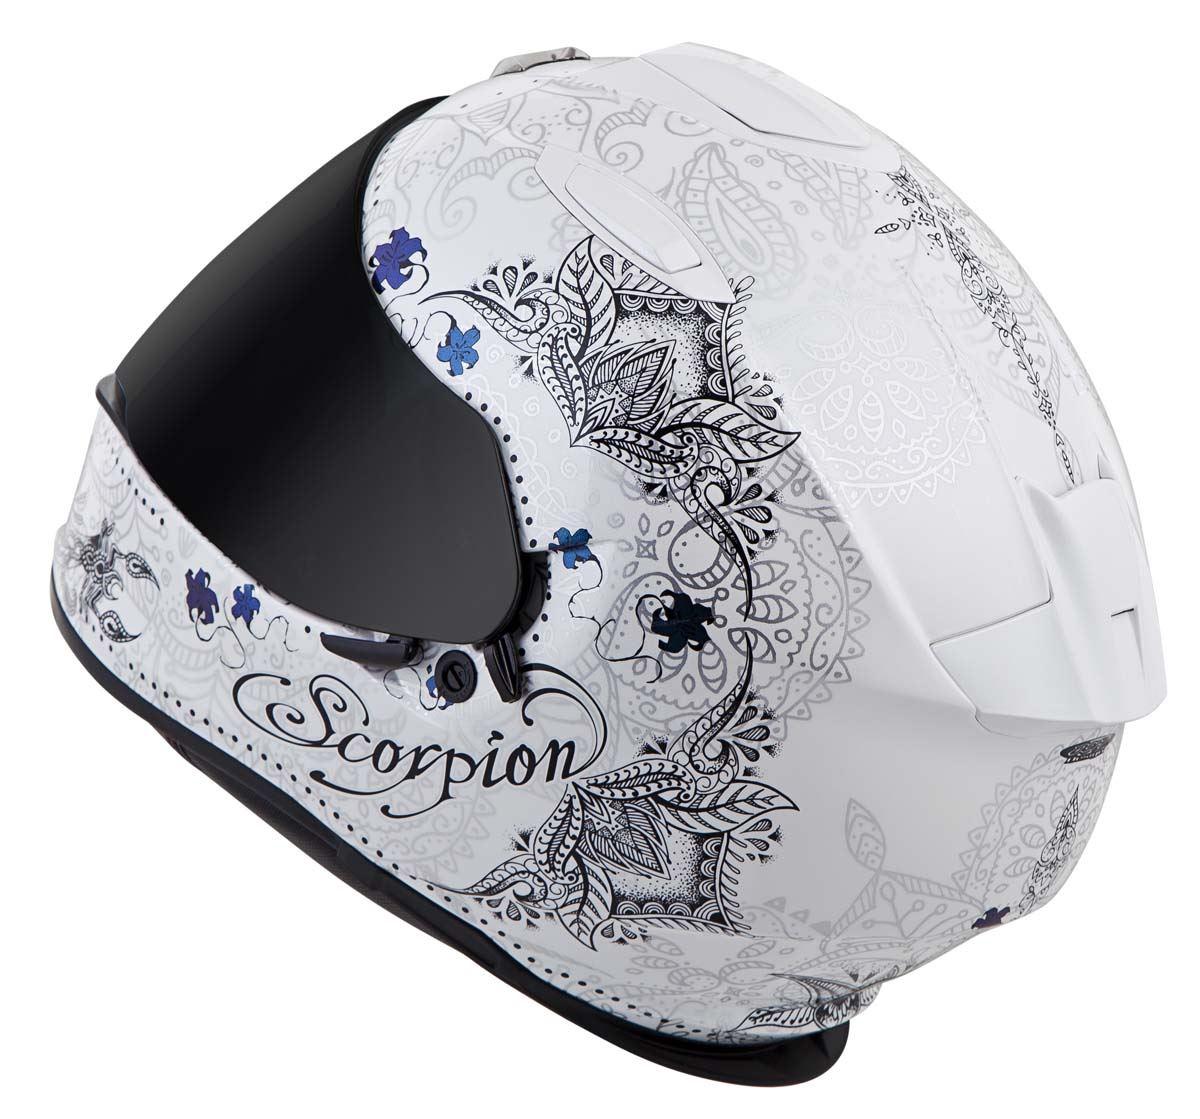 Scorpion-EXO-T510-Helmet-Full-Face-DOT-Approved-Inner-Sun-Shield miniature 73